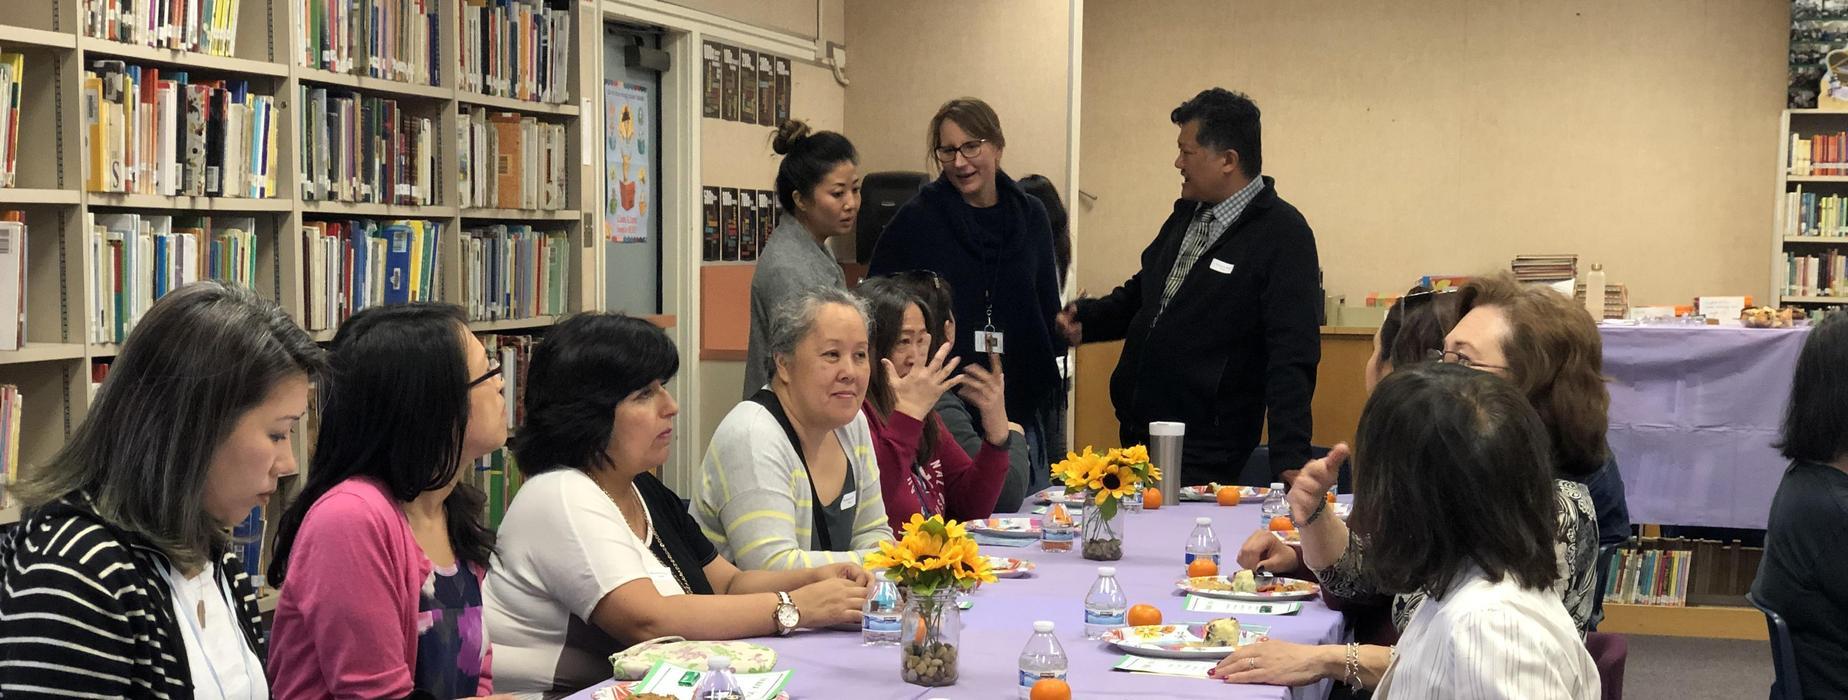 Marguerita staff lunch